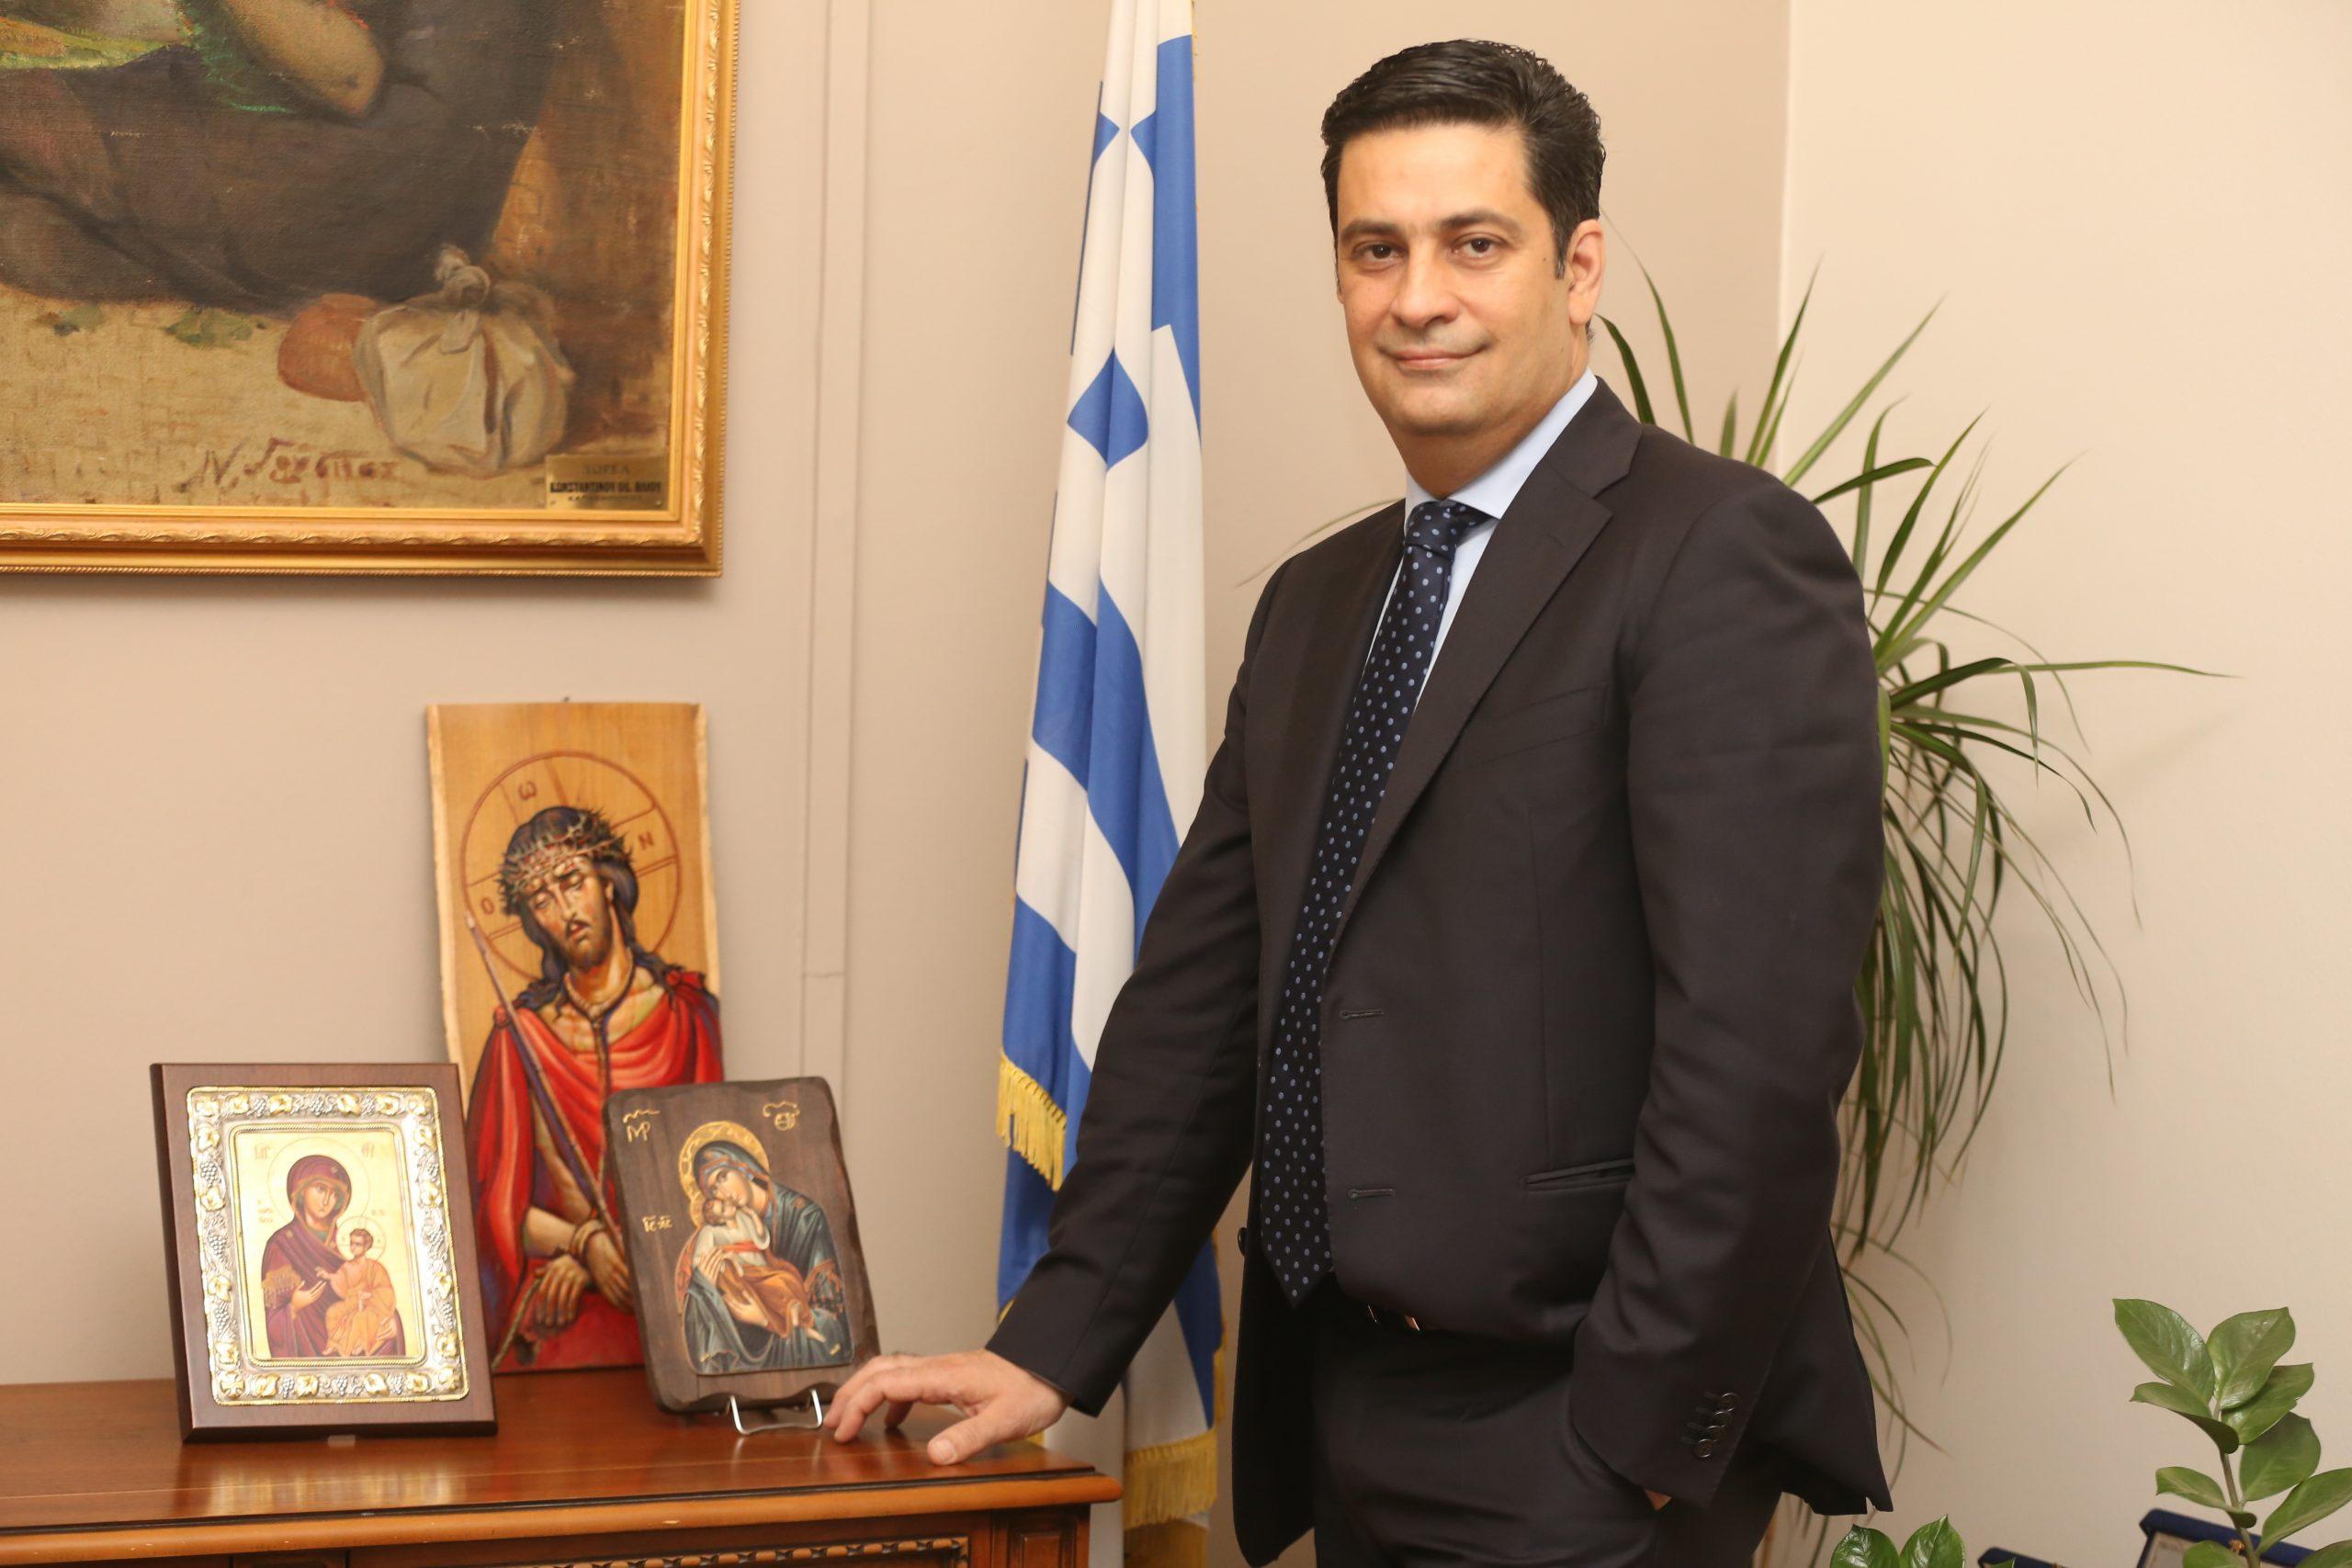 Ευχές του Δημάρχου Αγρινίου Γιώργου Παπαναστασίου για τα Χριστούγεννα